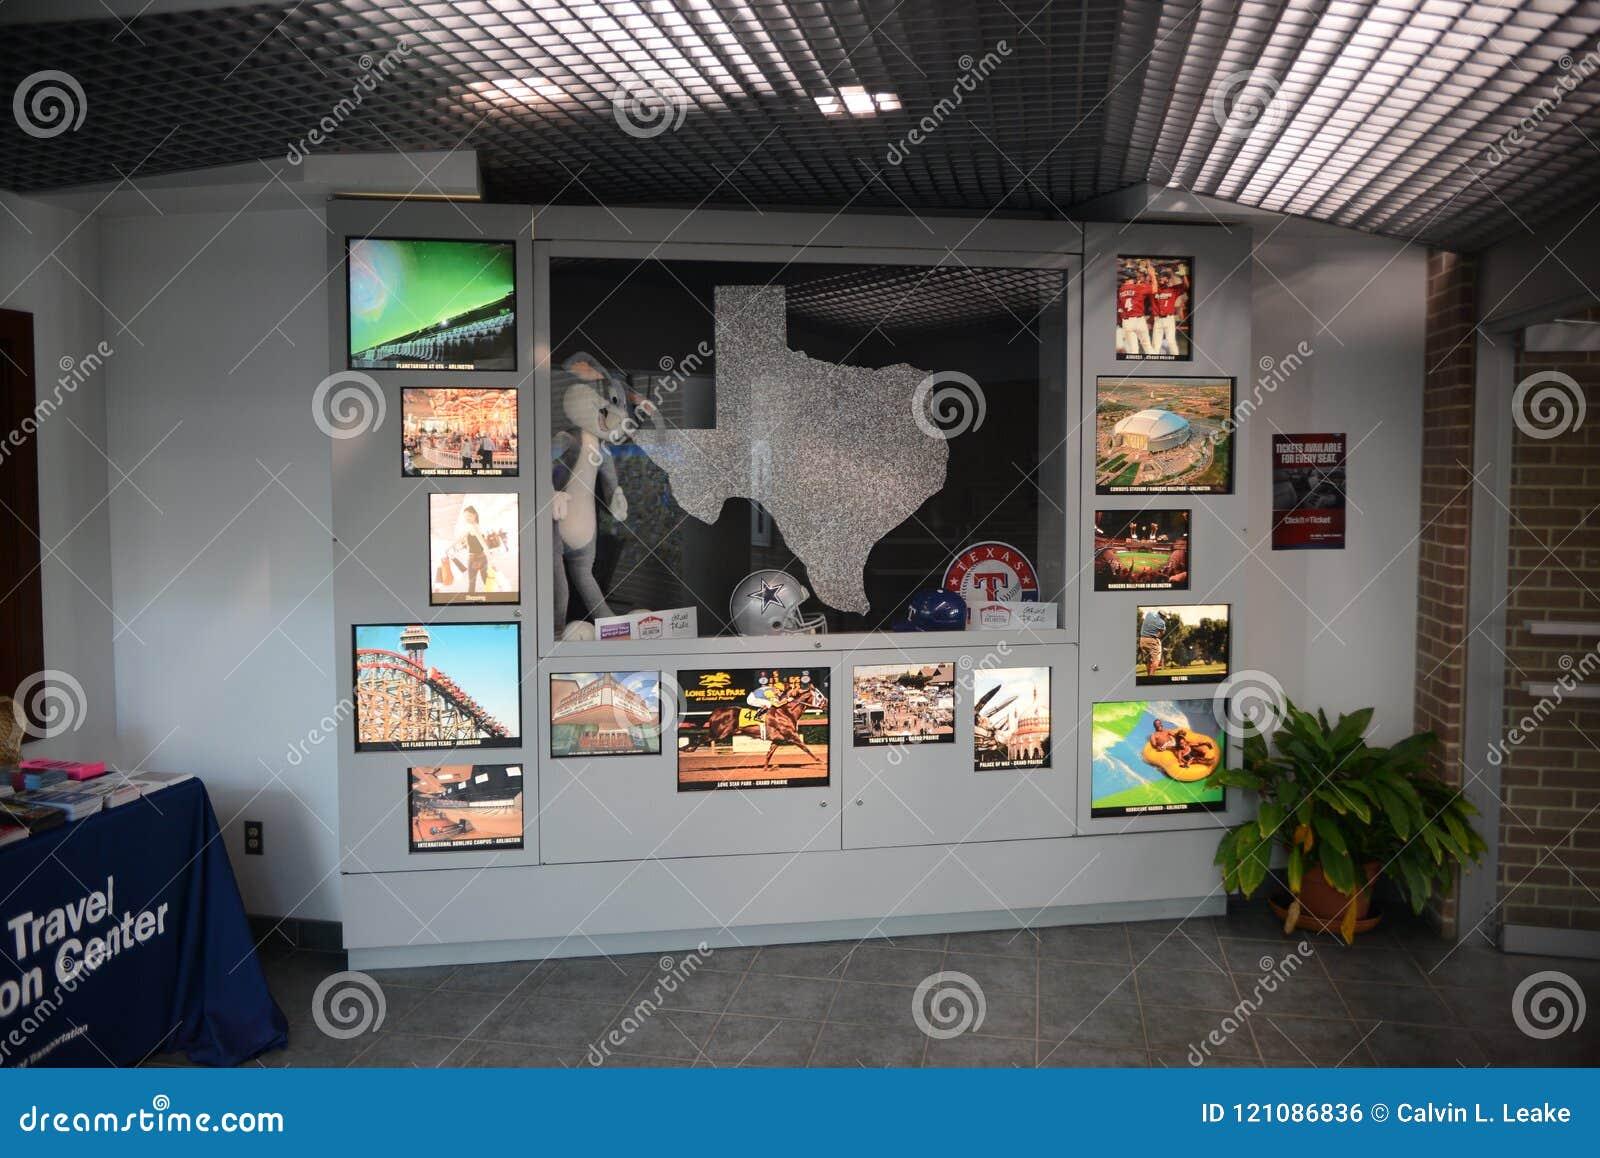 Texarkana Texas Welcome Center Display